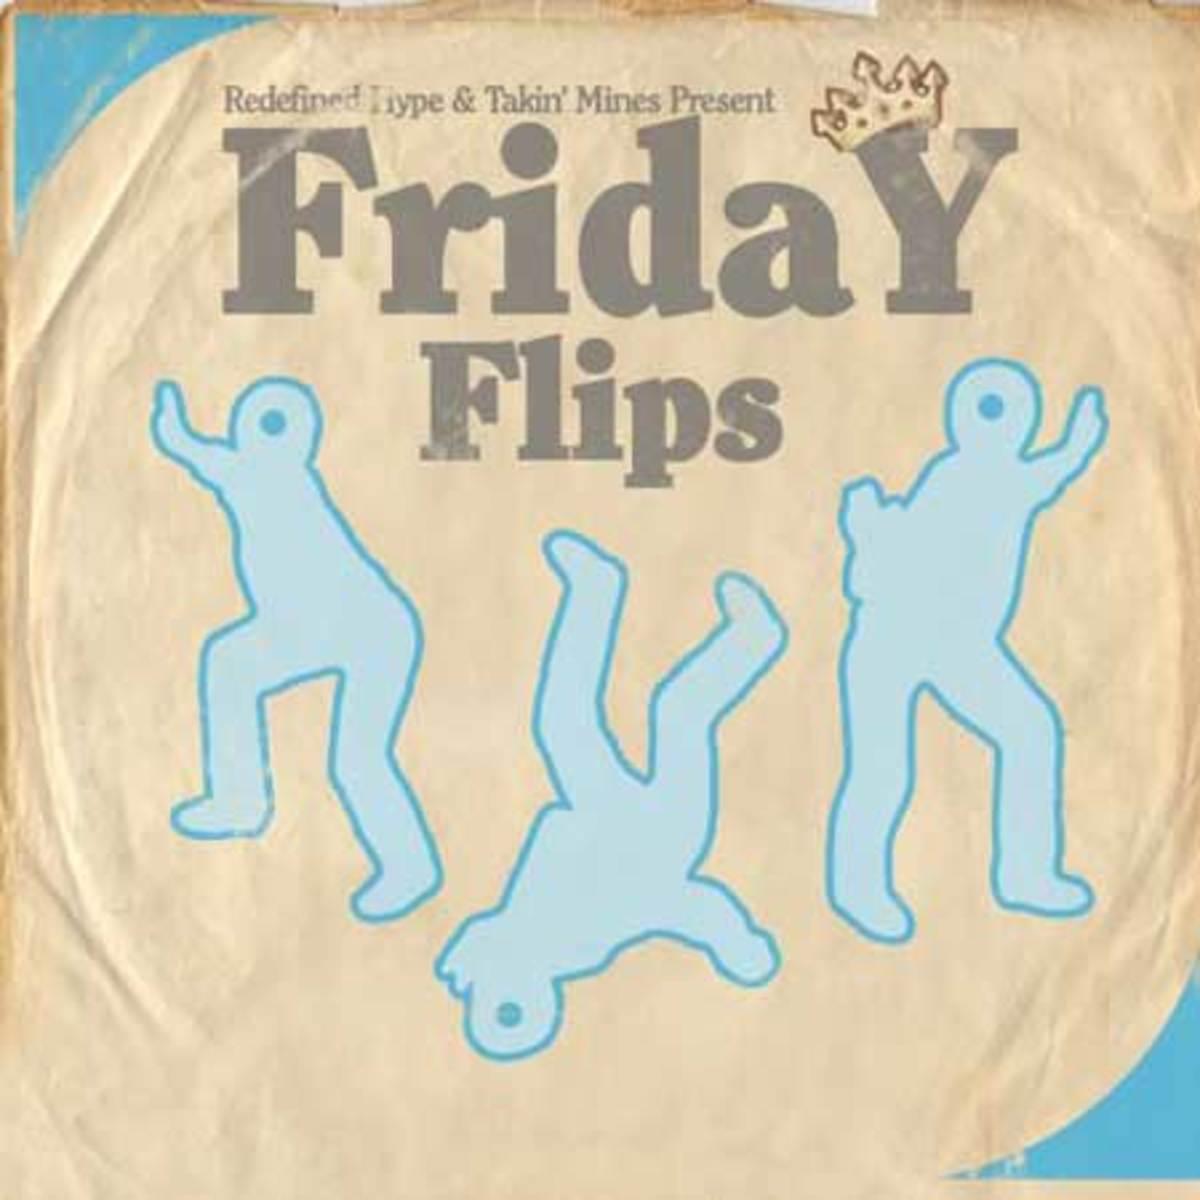 fridayflips-new.jpg